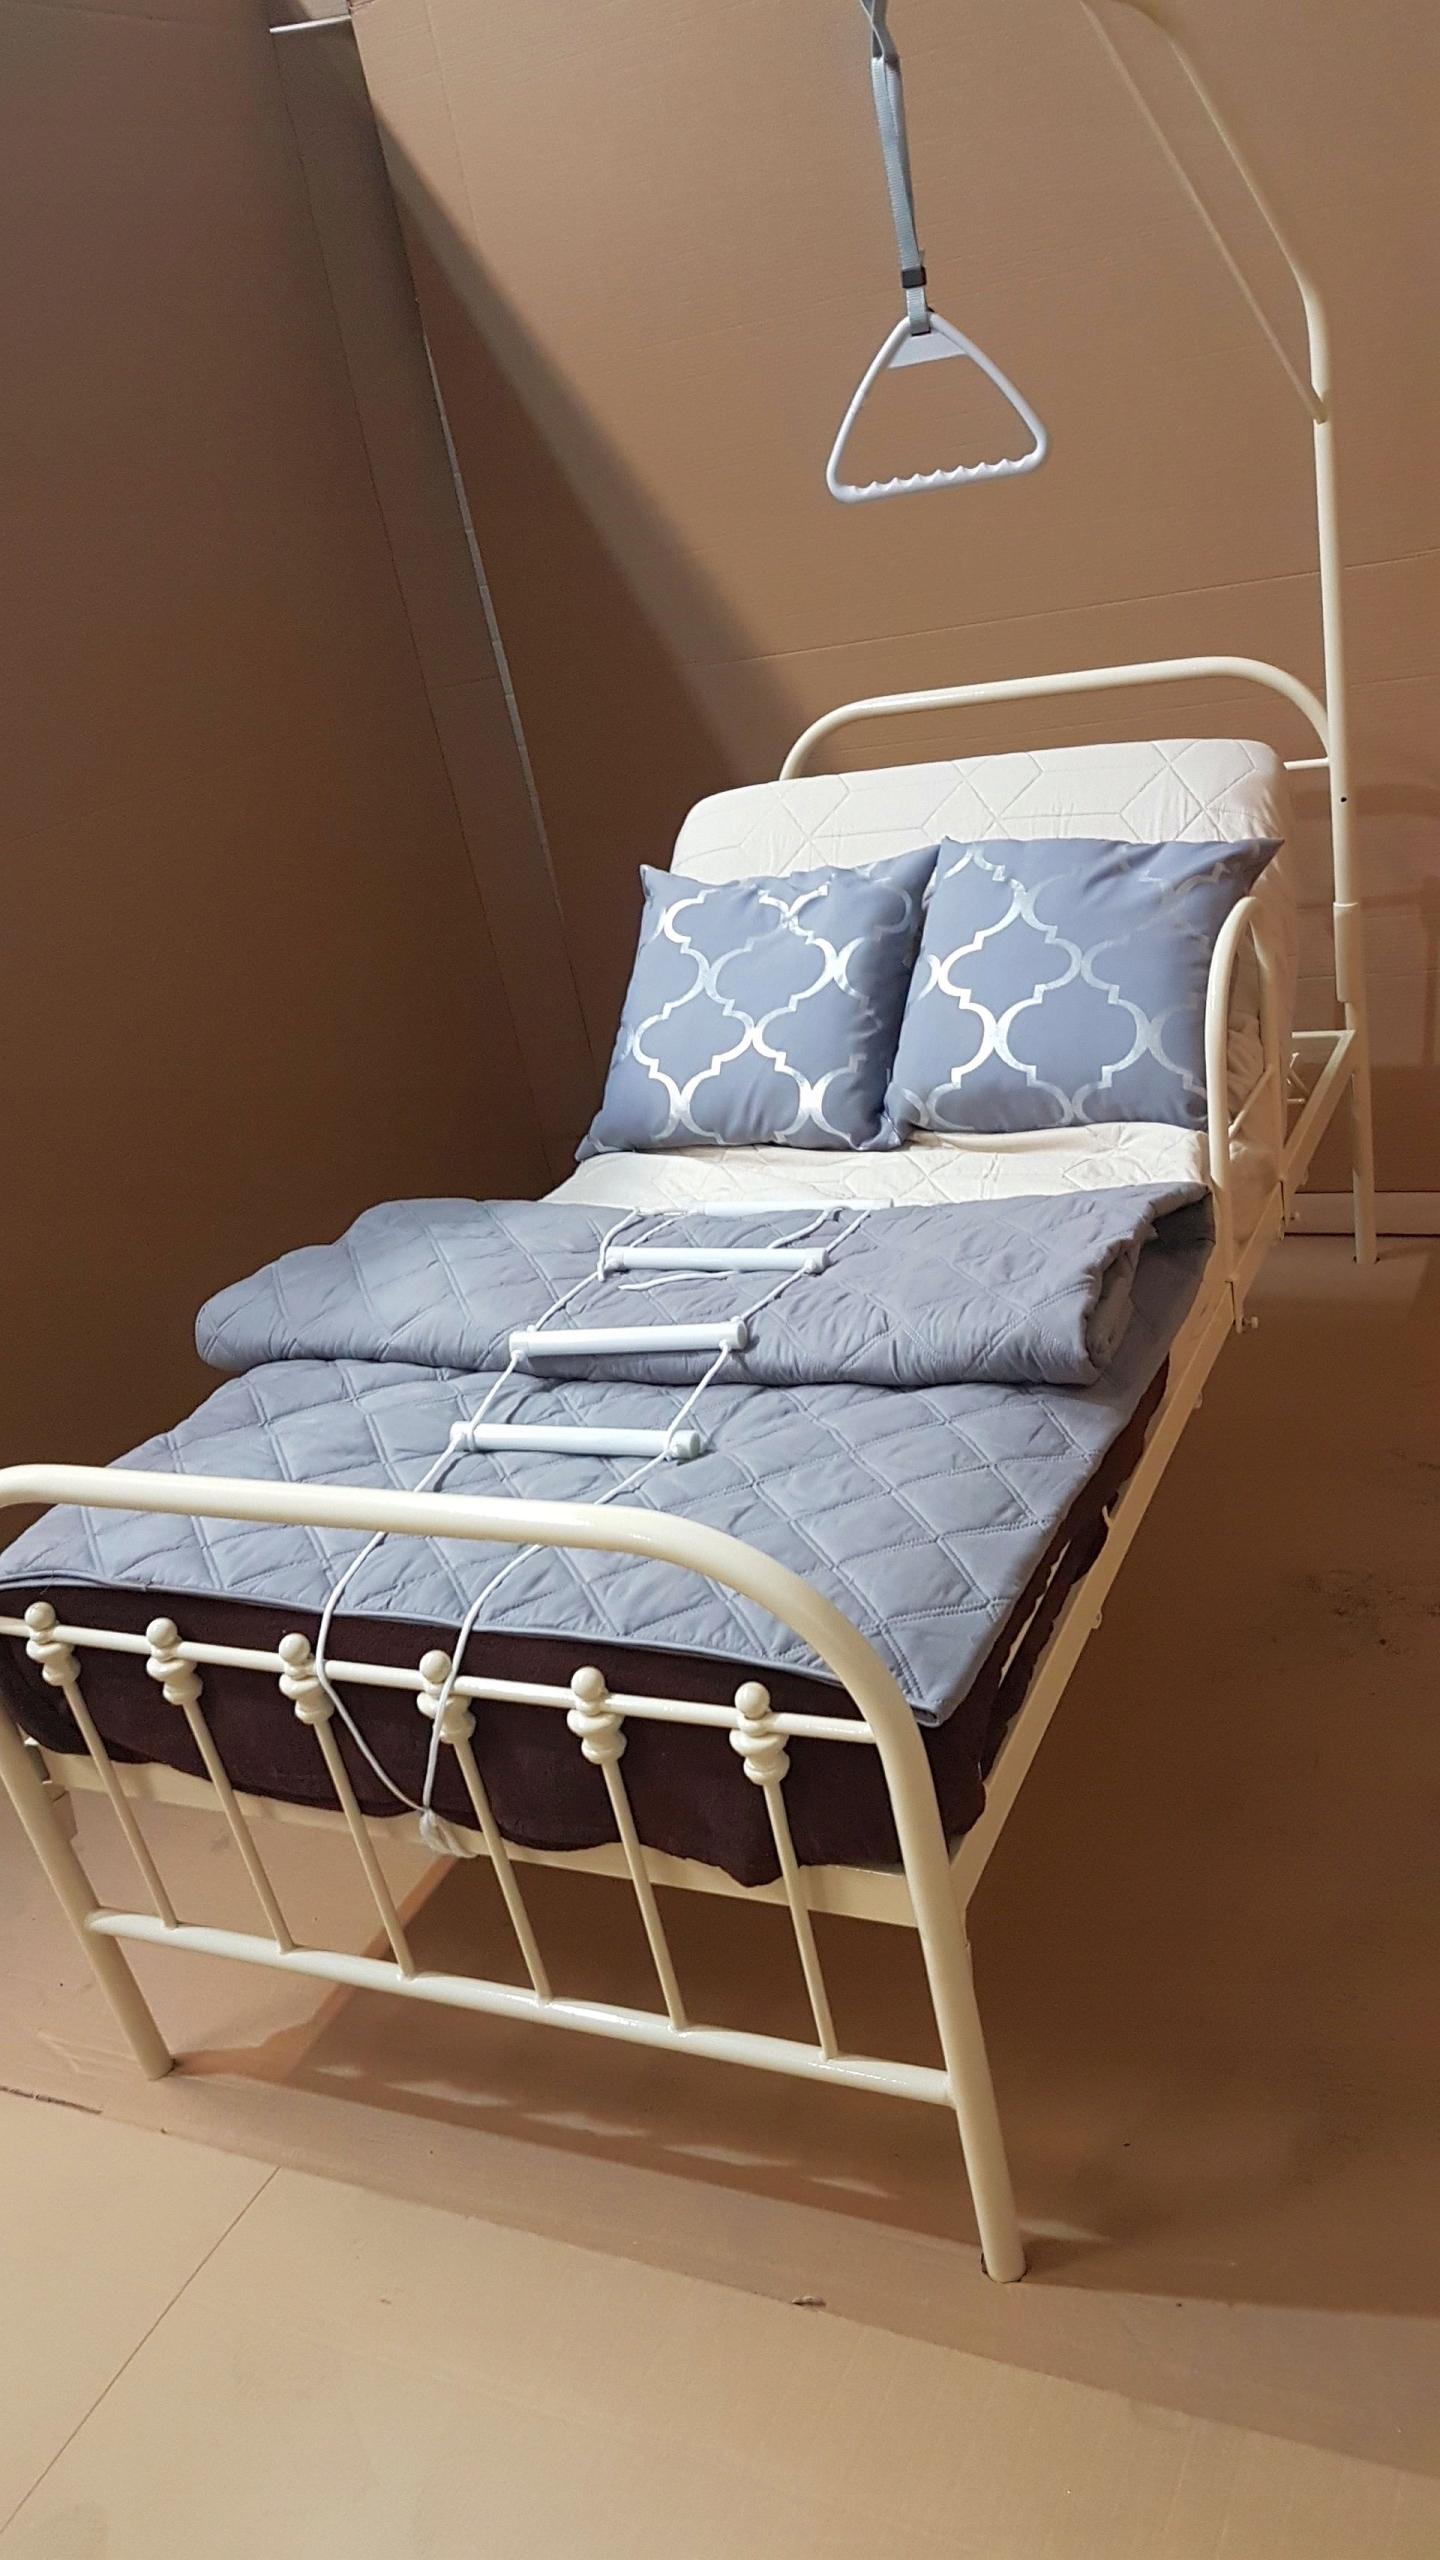 łóżko Dla Seniora 90x200 Wysięgnik Poręcz